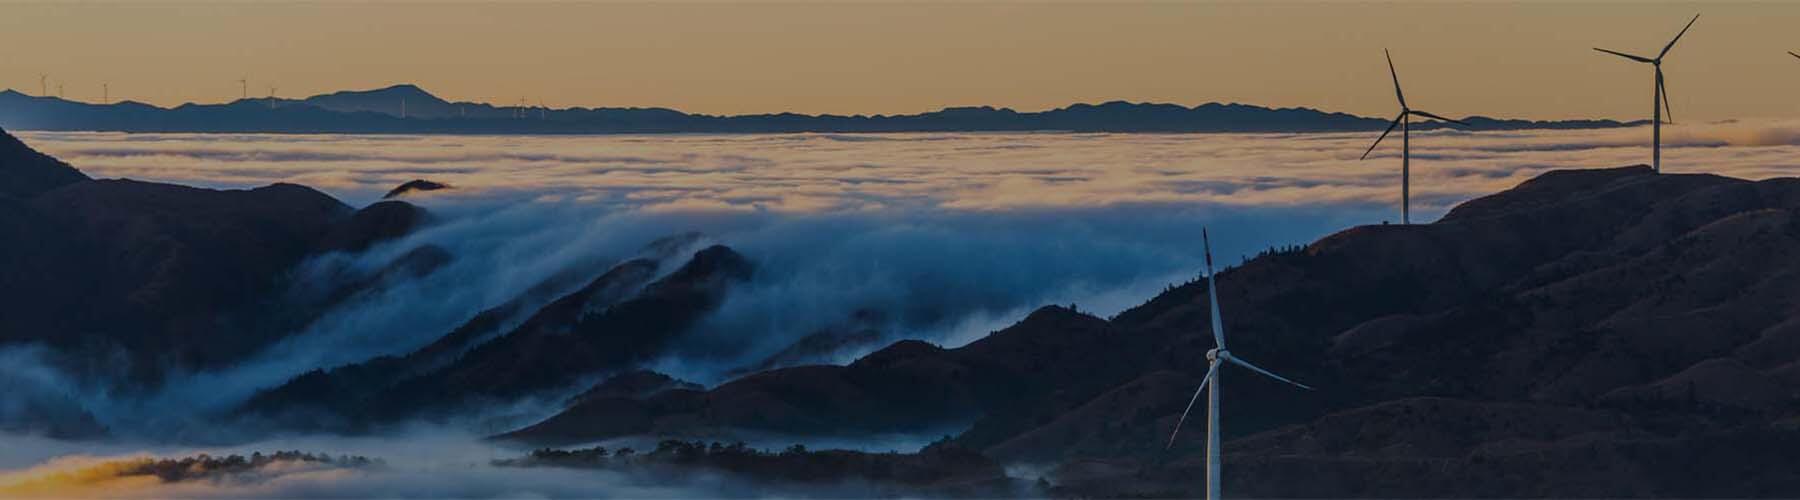 Colinas cubiertas de nubes y niebla. Varias turbinas eólicas dispersas por las colinas.